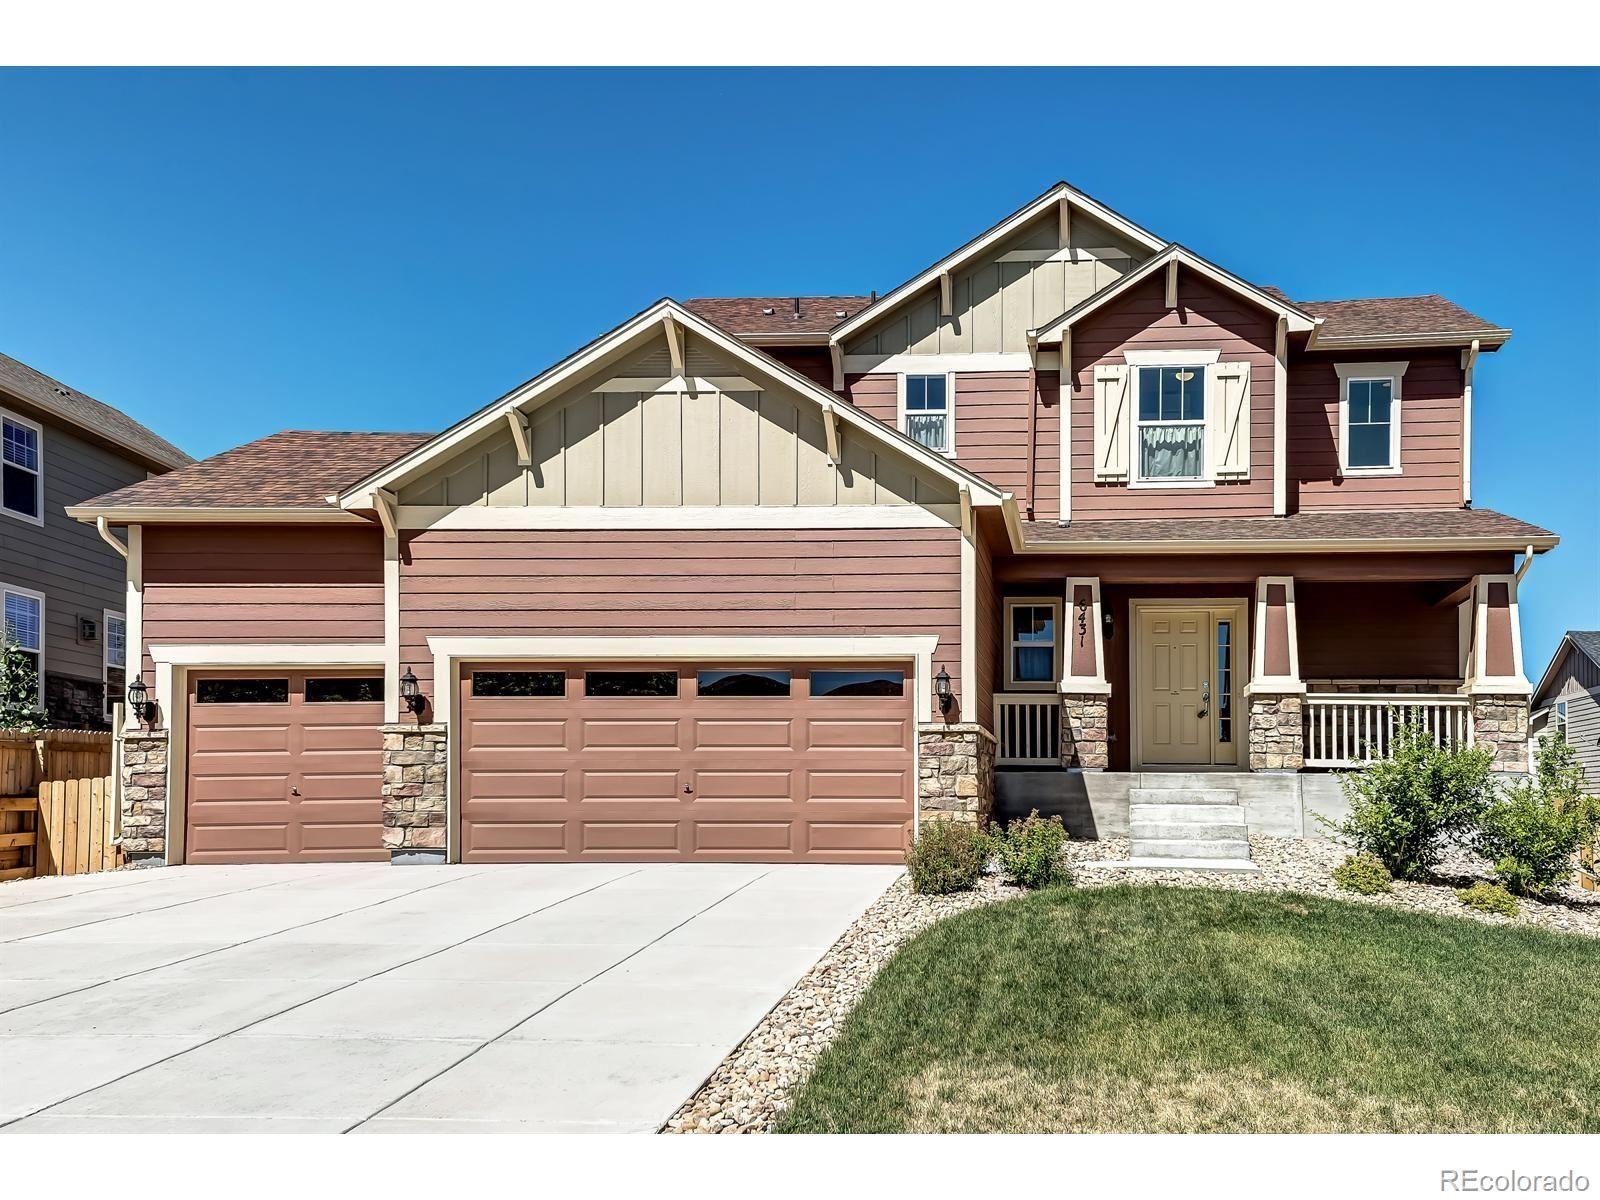 6431 S Ider Street, Aurora, CO 80016 - #: 4316139